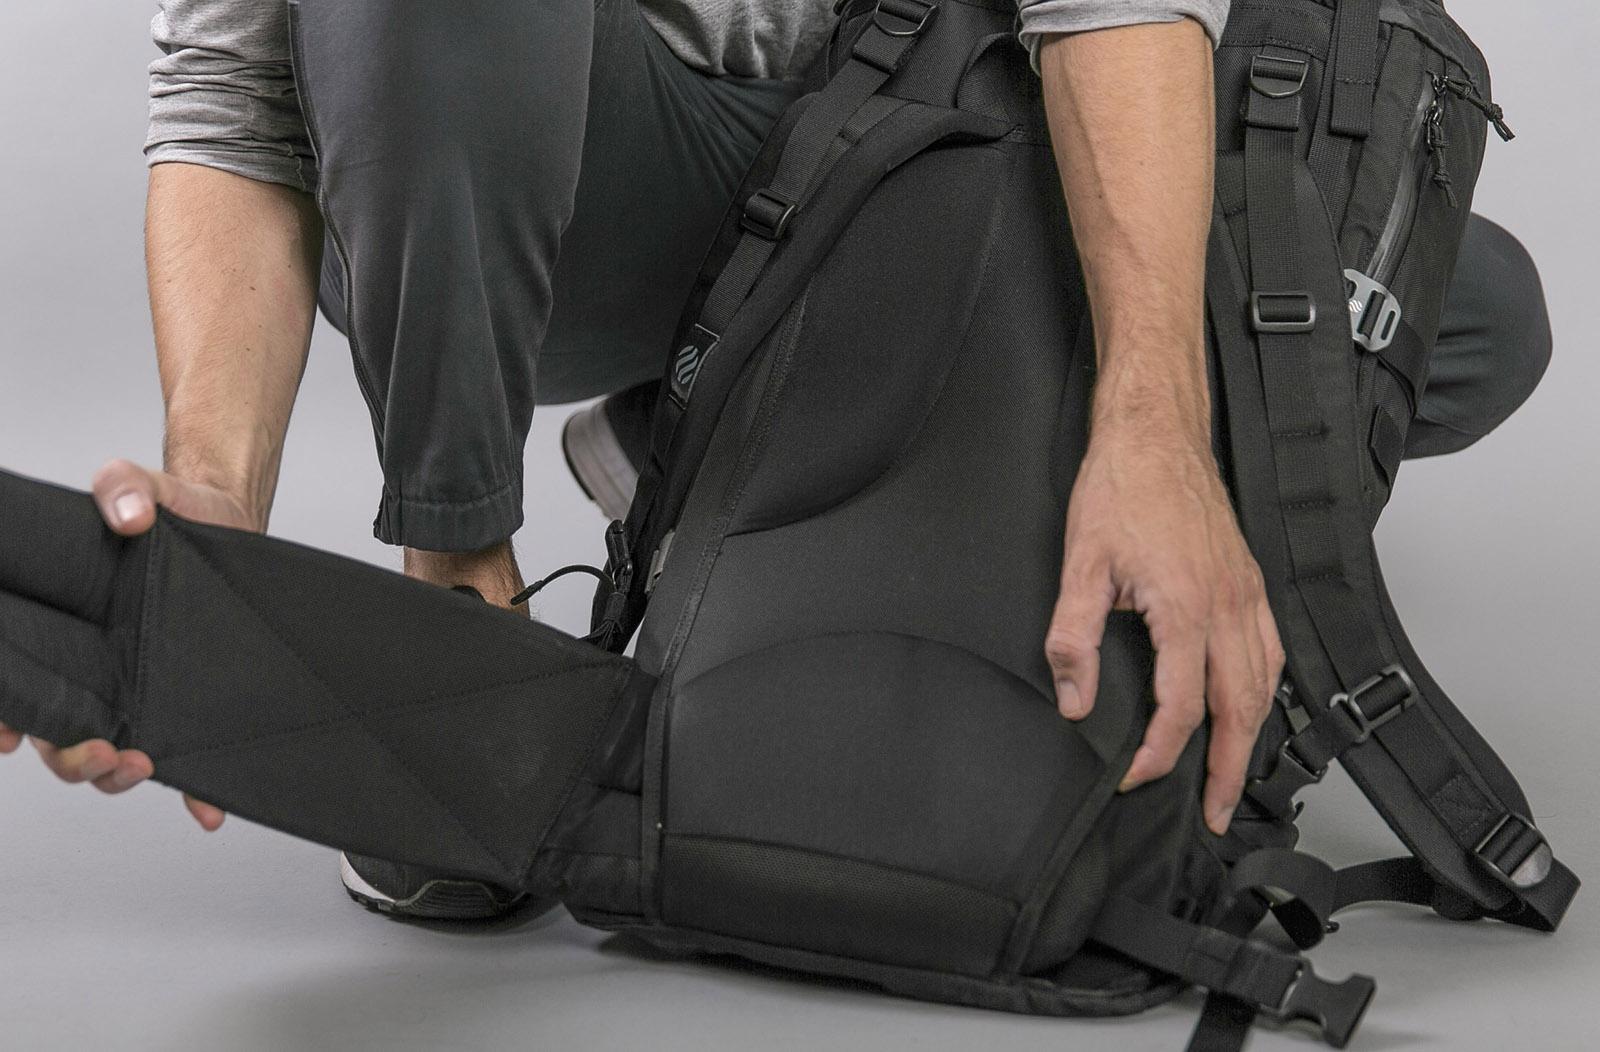 heimplanet-monolith-daypack-rucksack-08